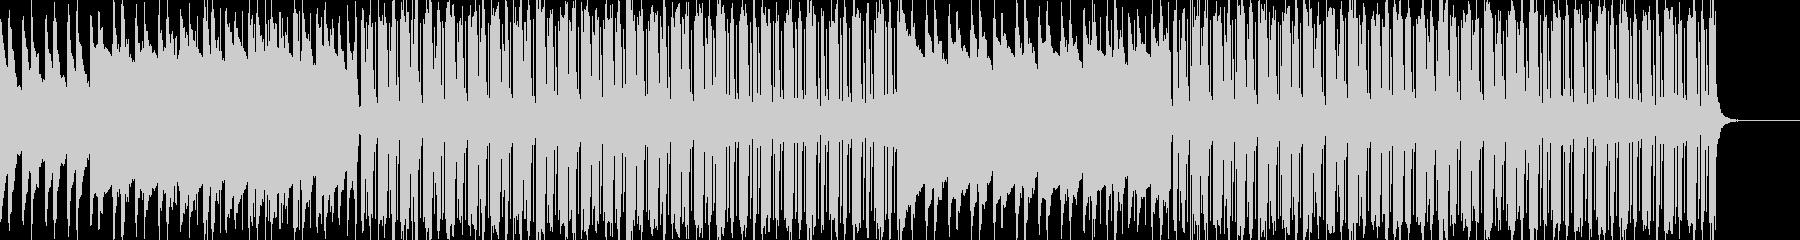 レトロポップの未再生の波形